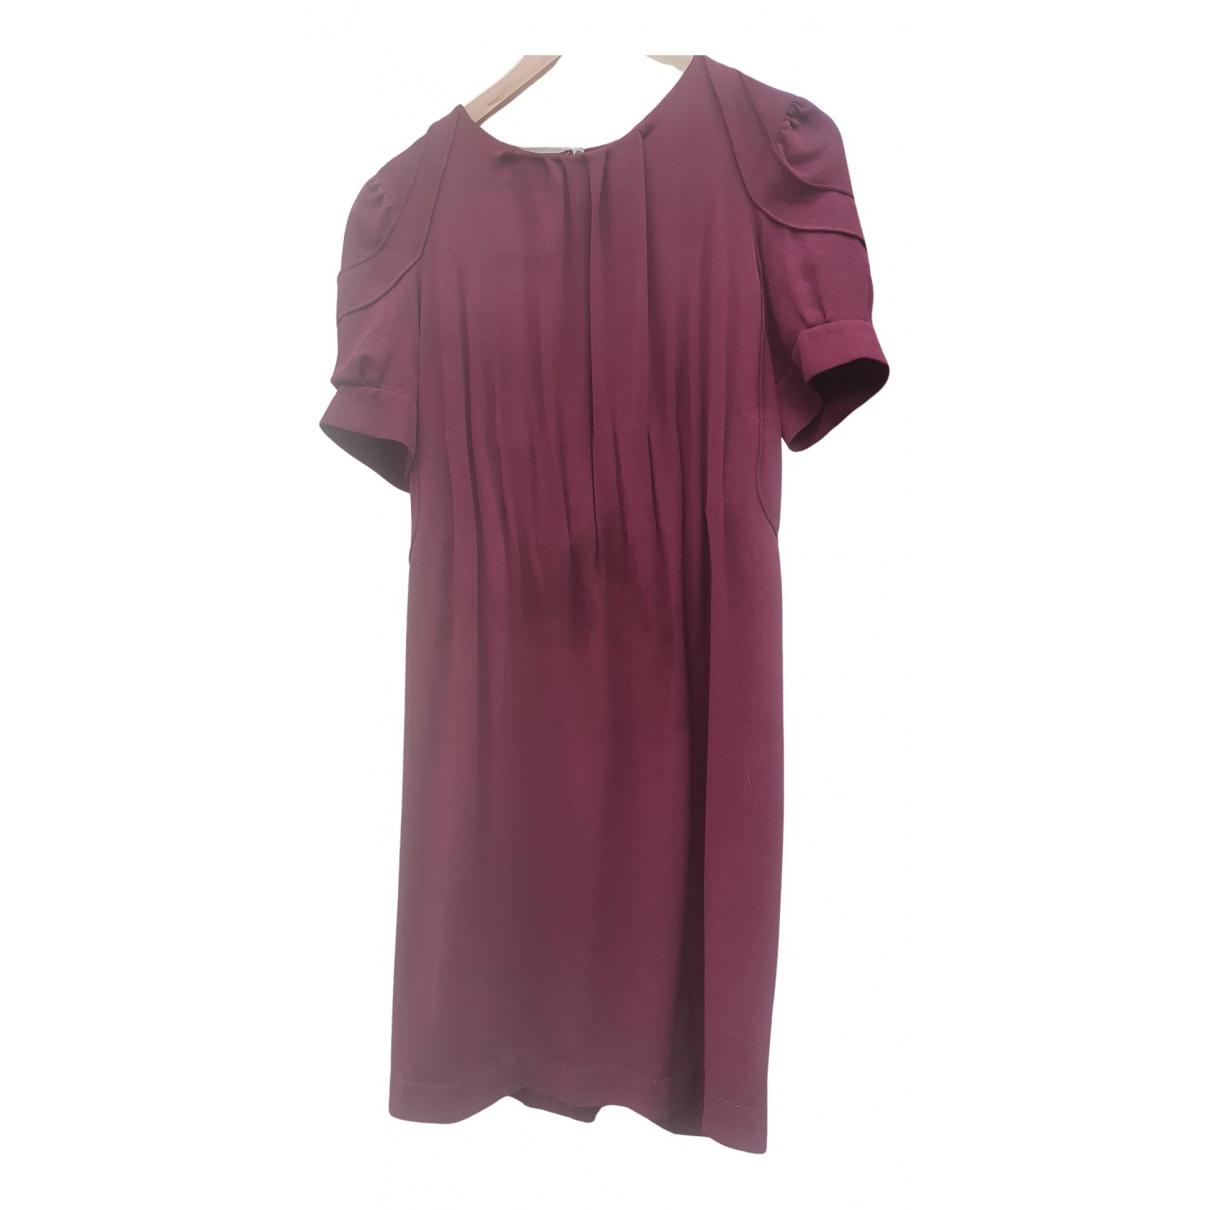 Louis Vuitton - Robe   pour femme en soie - rose